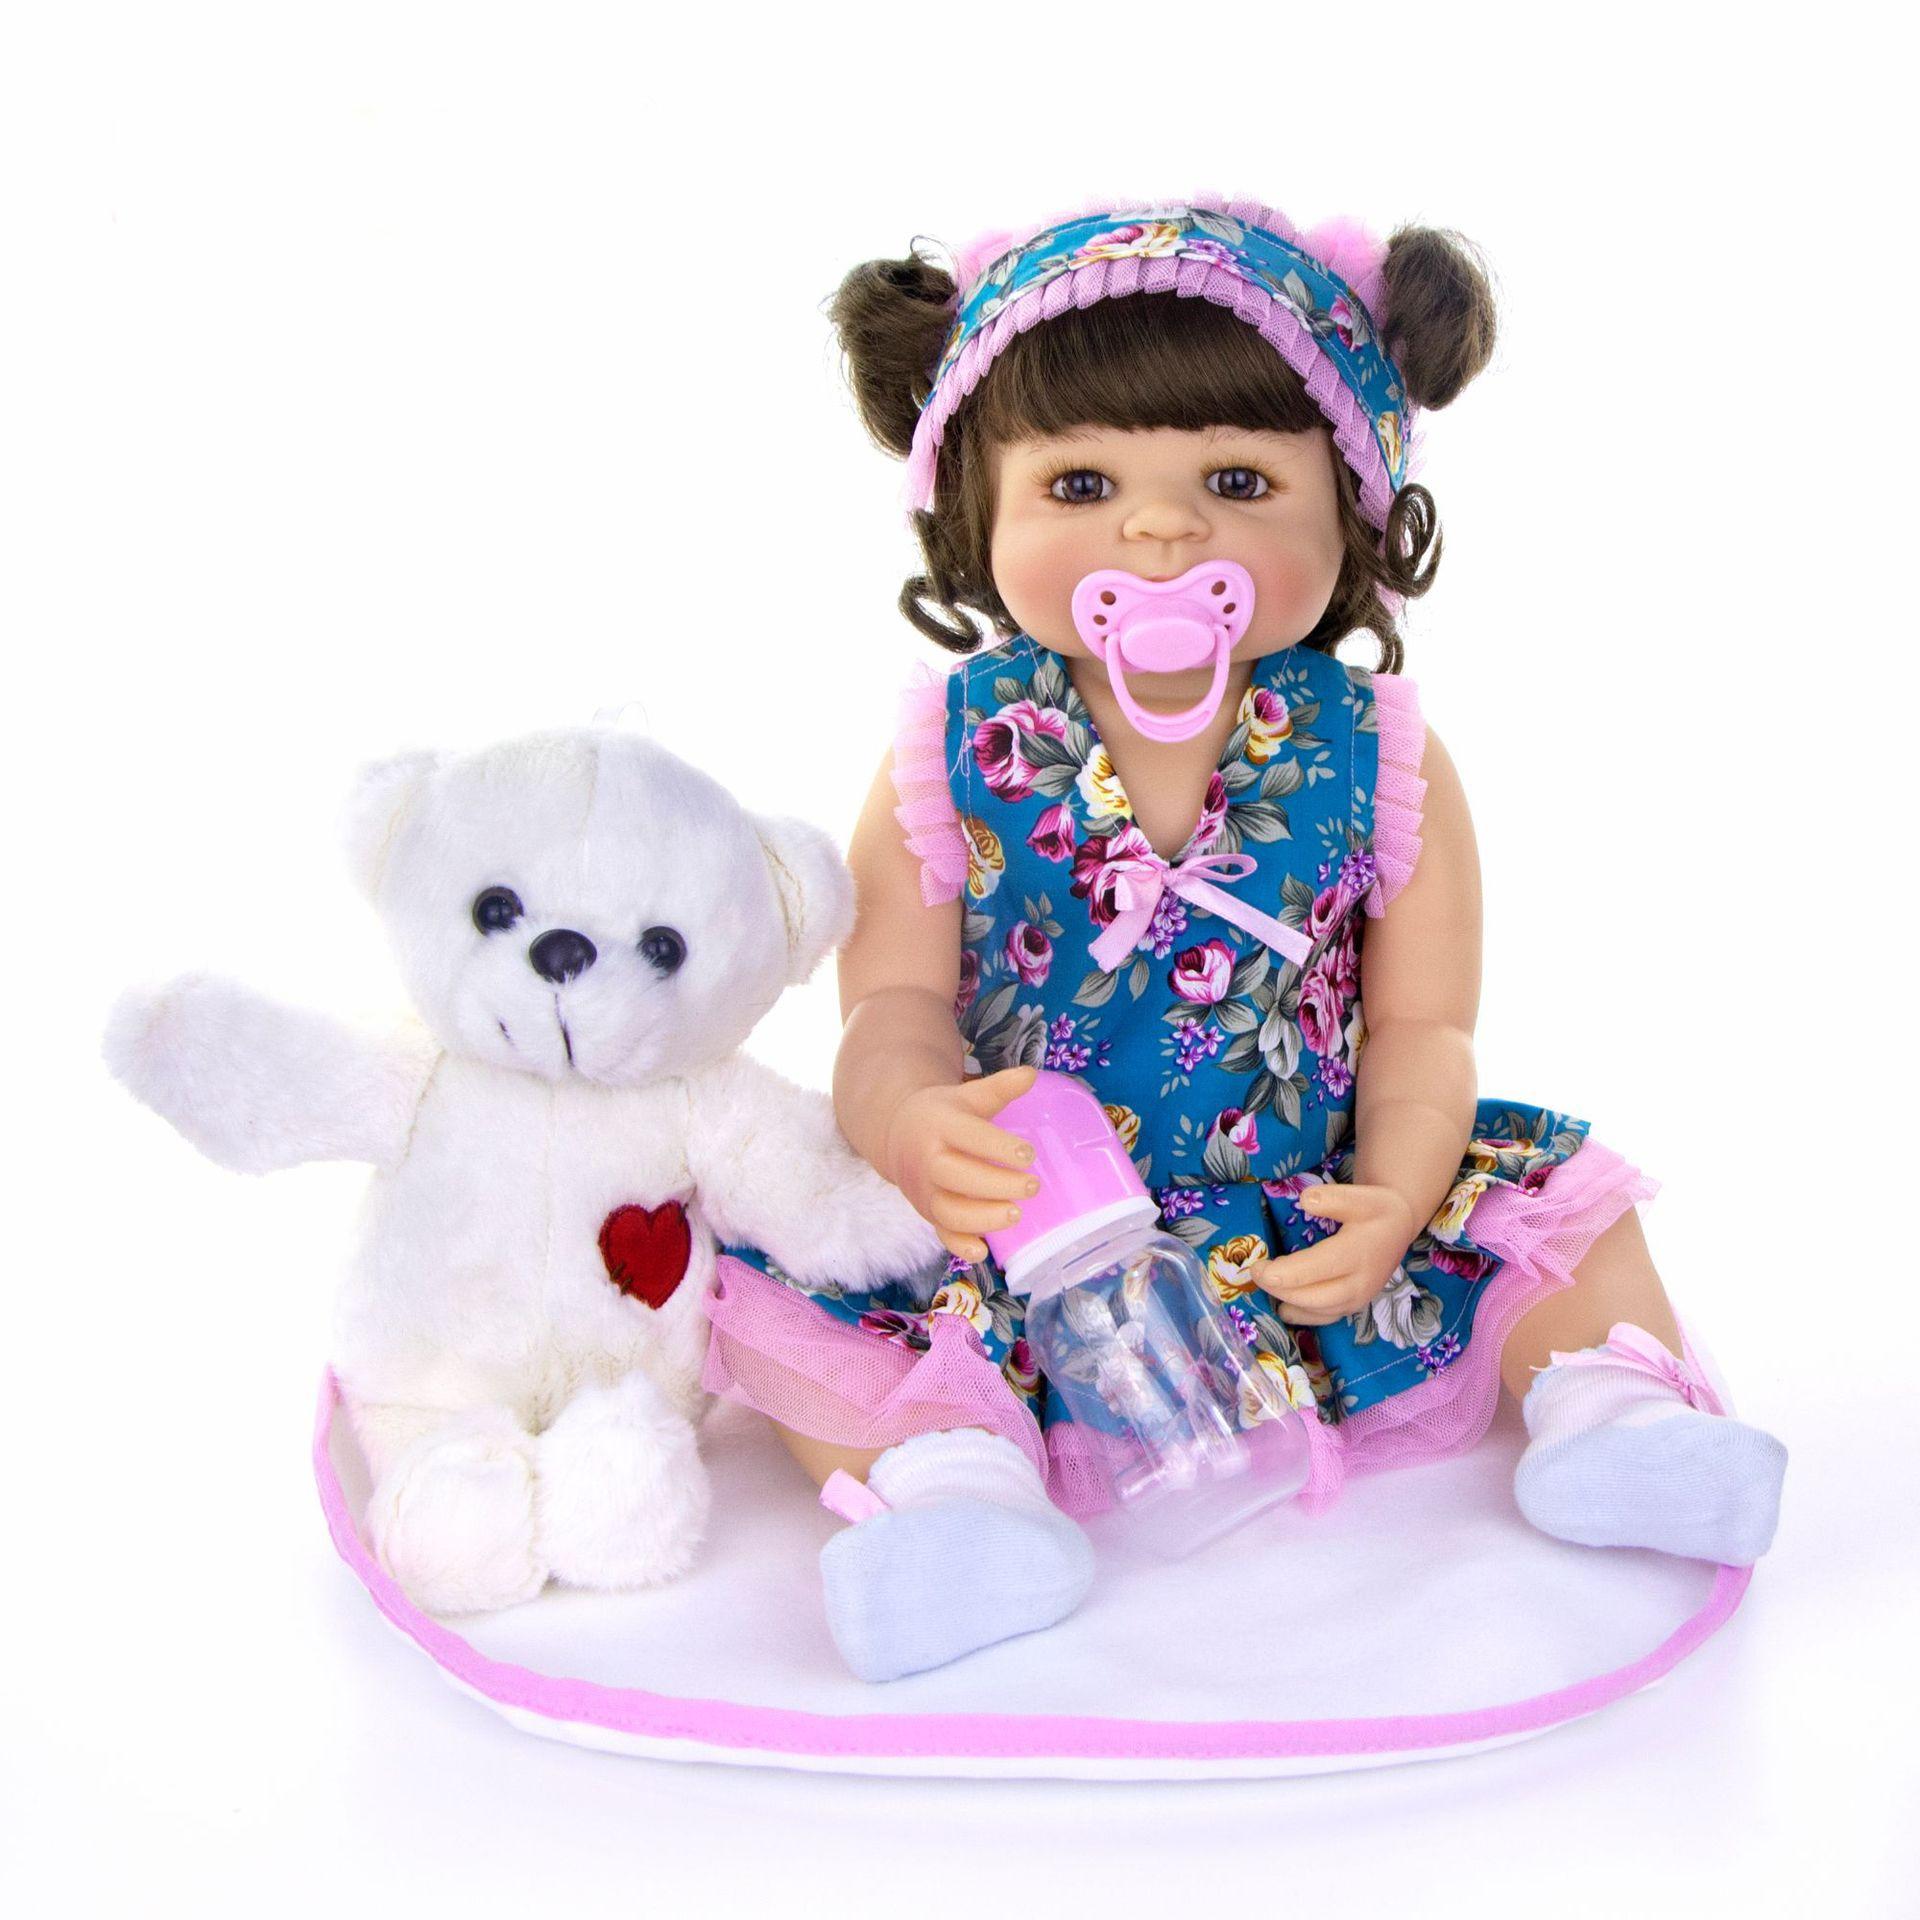 55CM bebes Reborn realista muñecas de bebé recién nacido muñeca l o l suave cuerpo completo silicona Boneca muñeca Navidad Surprice regalos